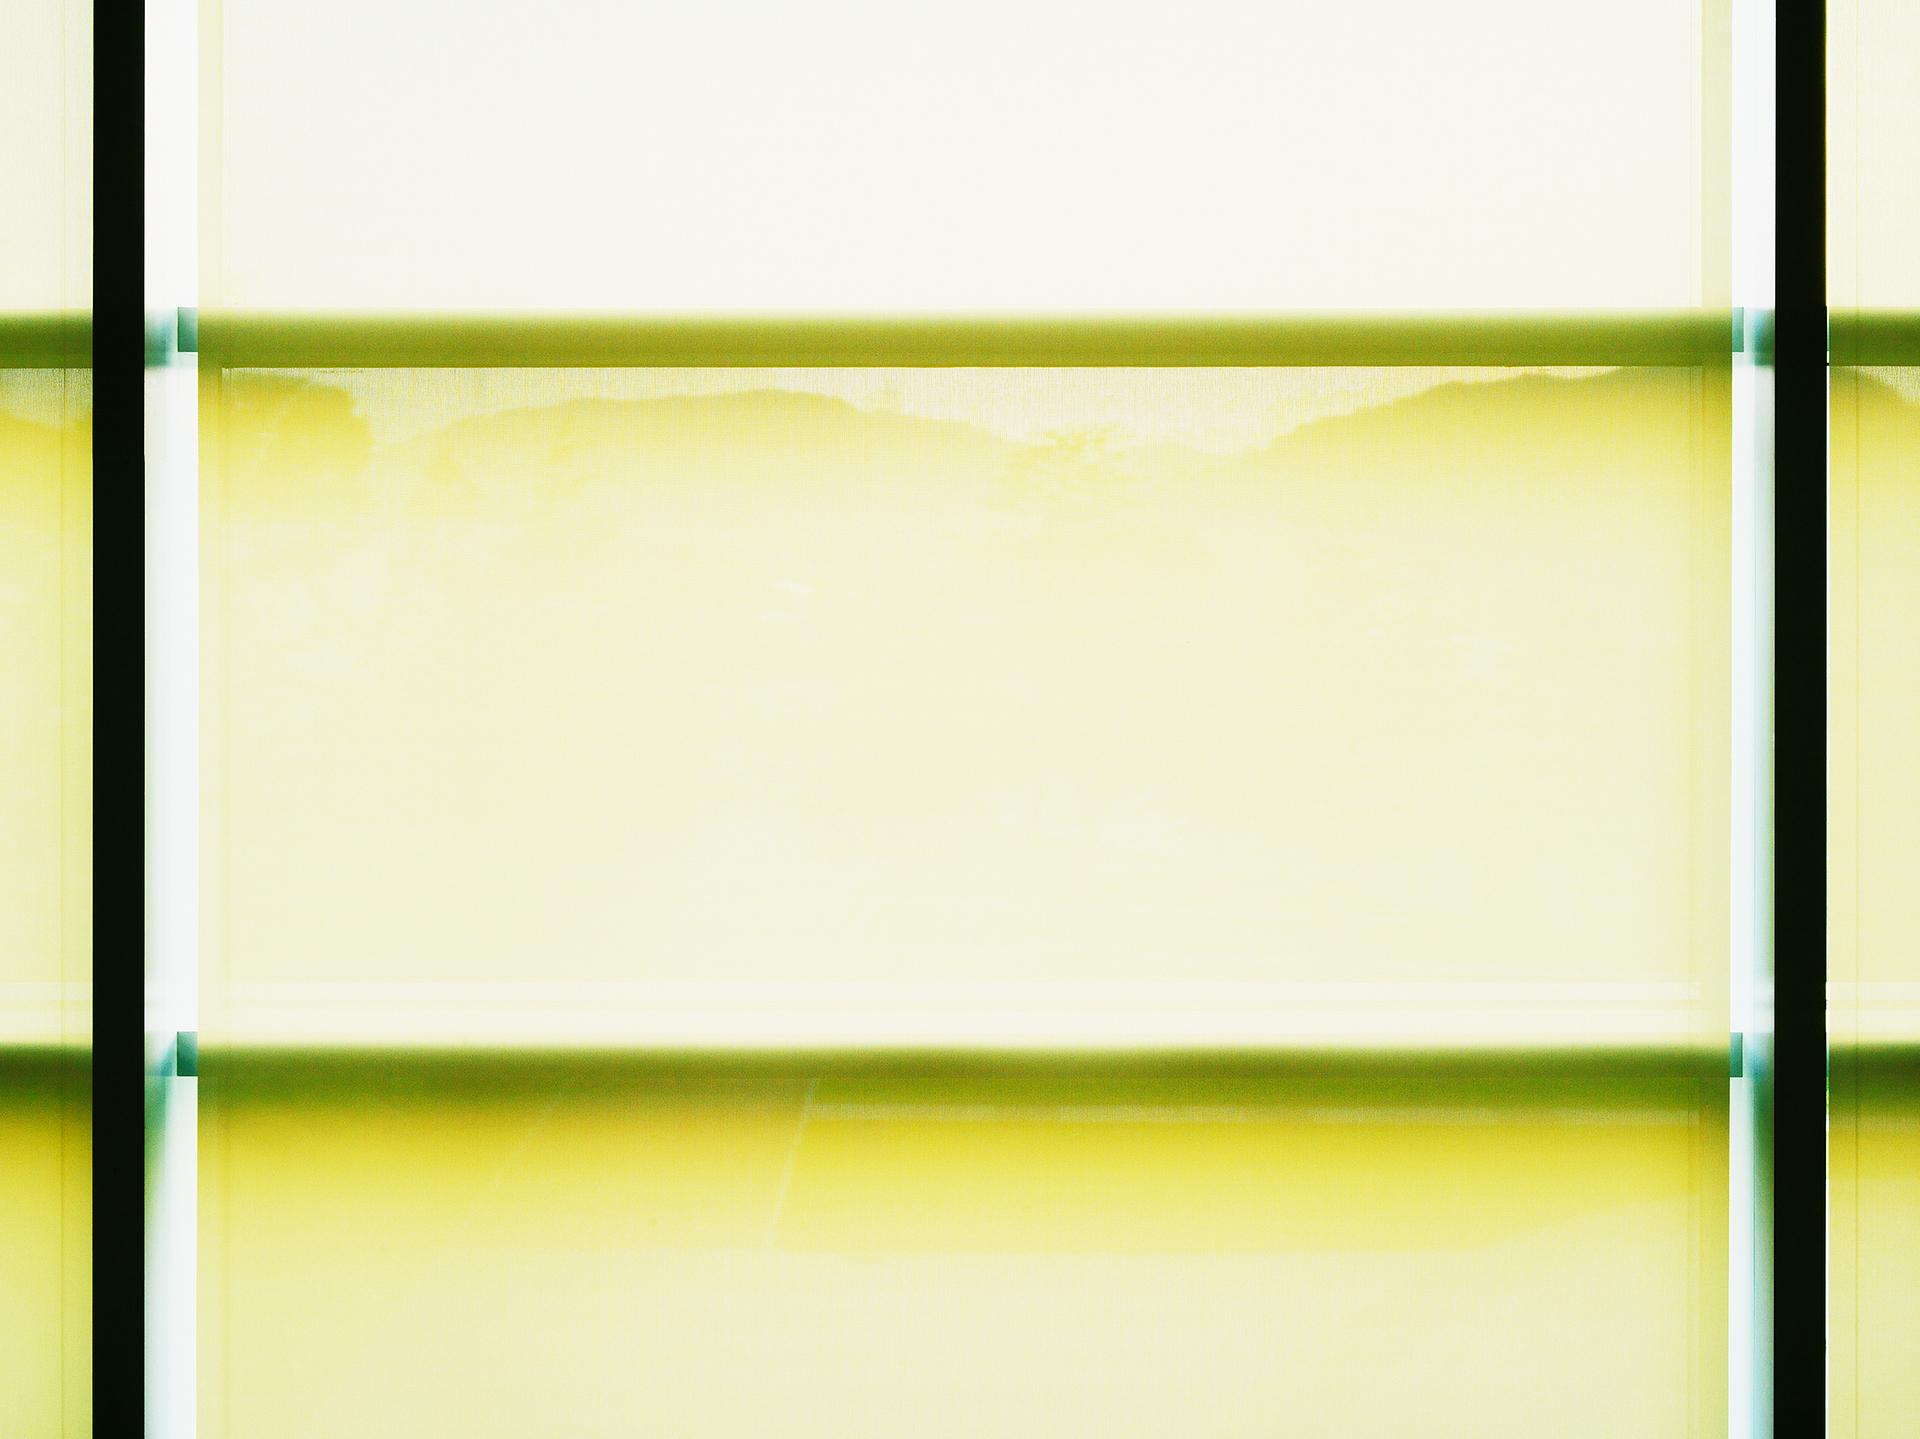 Light Flow : lf, Ie-78   pigment print, diasec, framed  110 x 147cm, 2016